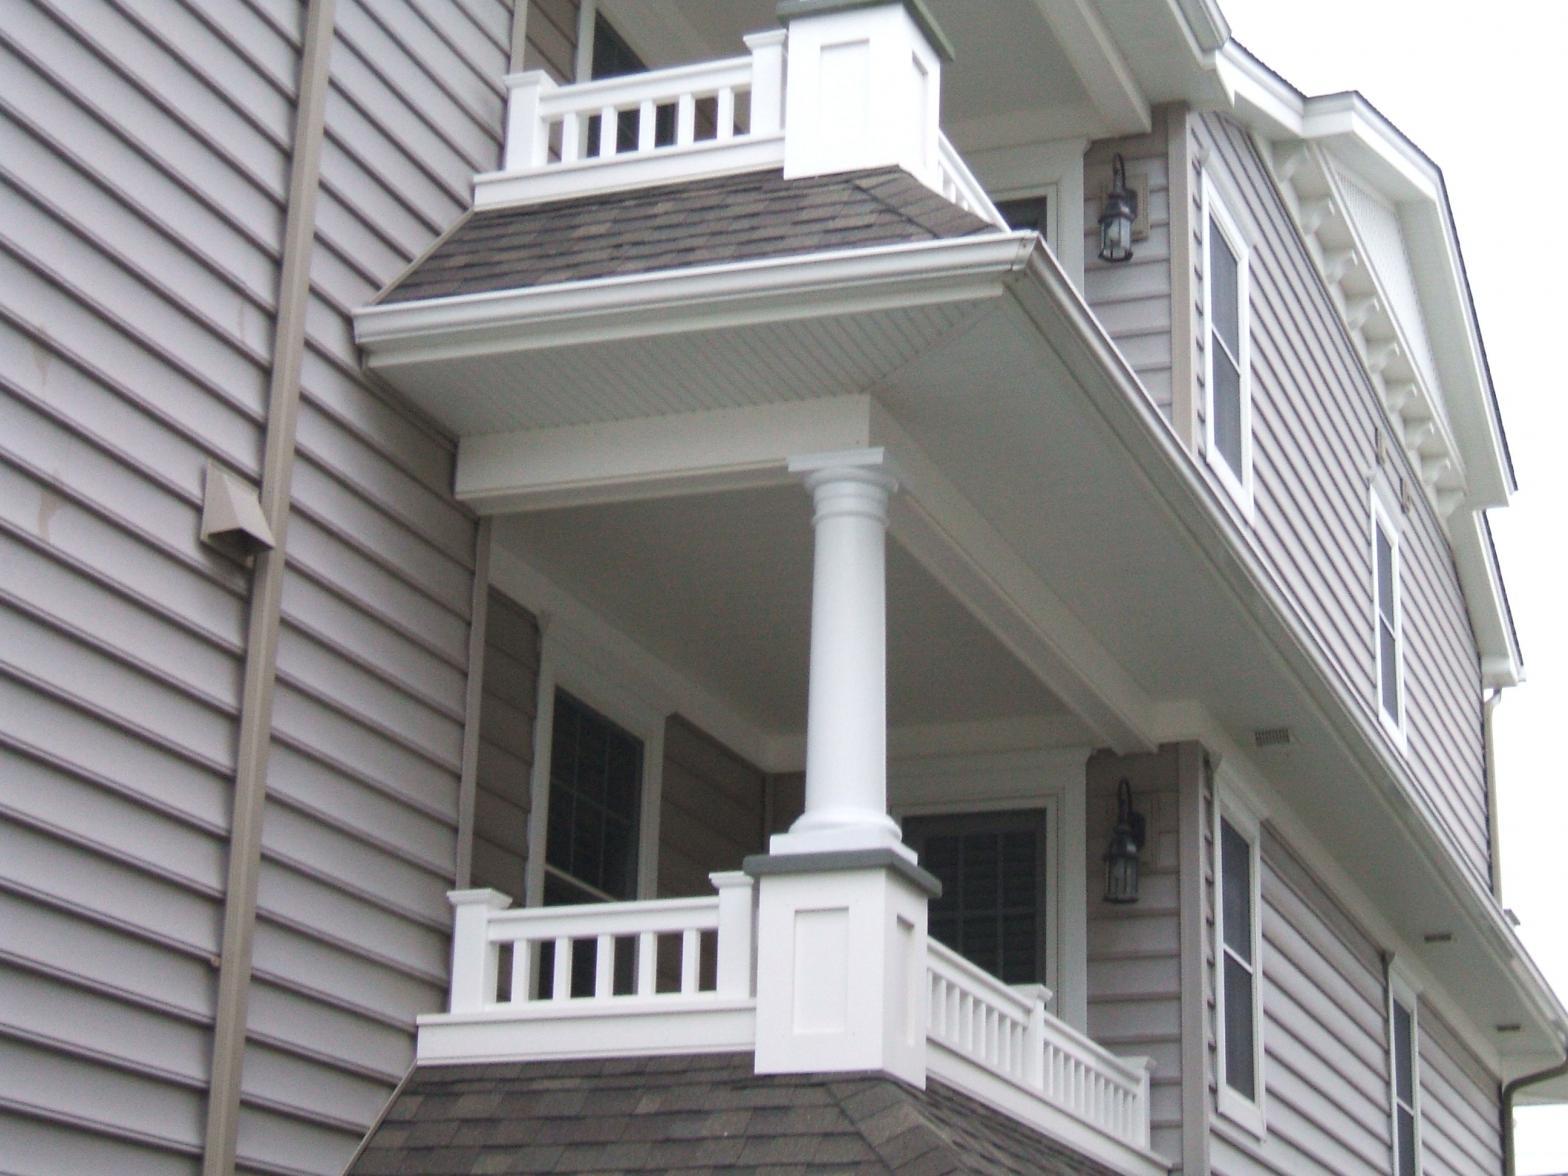 Vertical Vinyl Windows Siding And Doors Contractor Talk